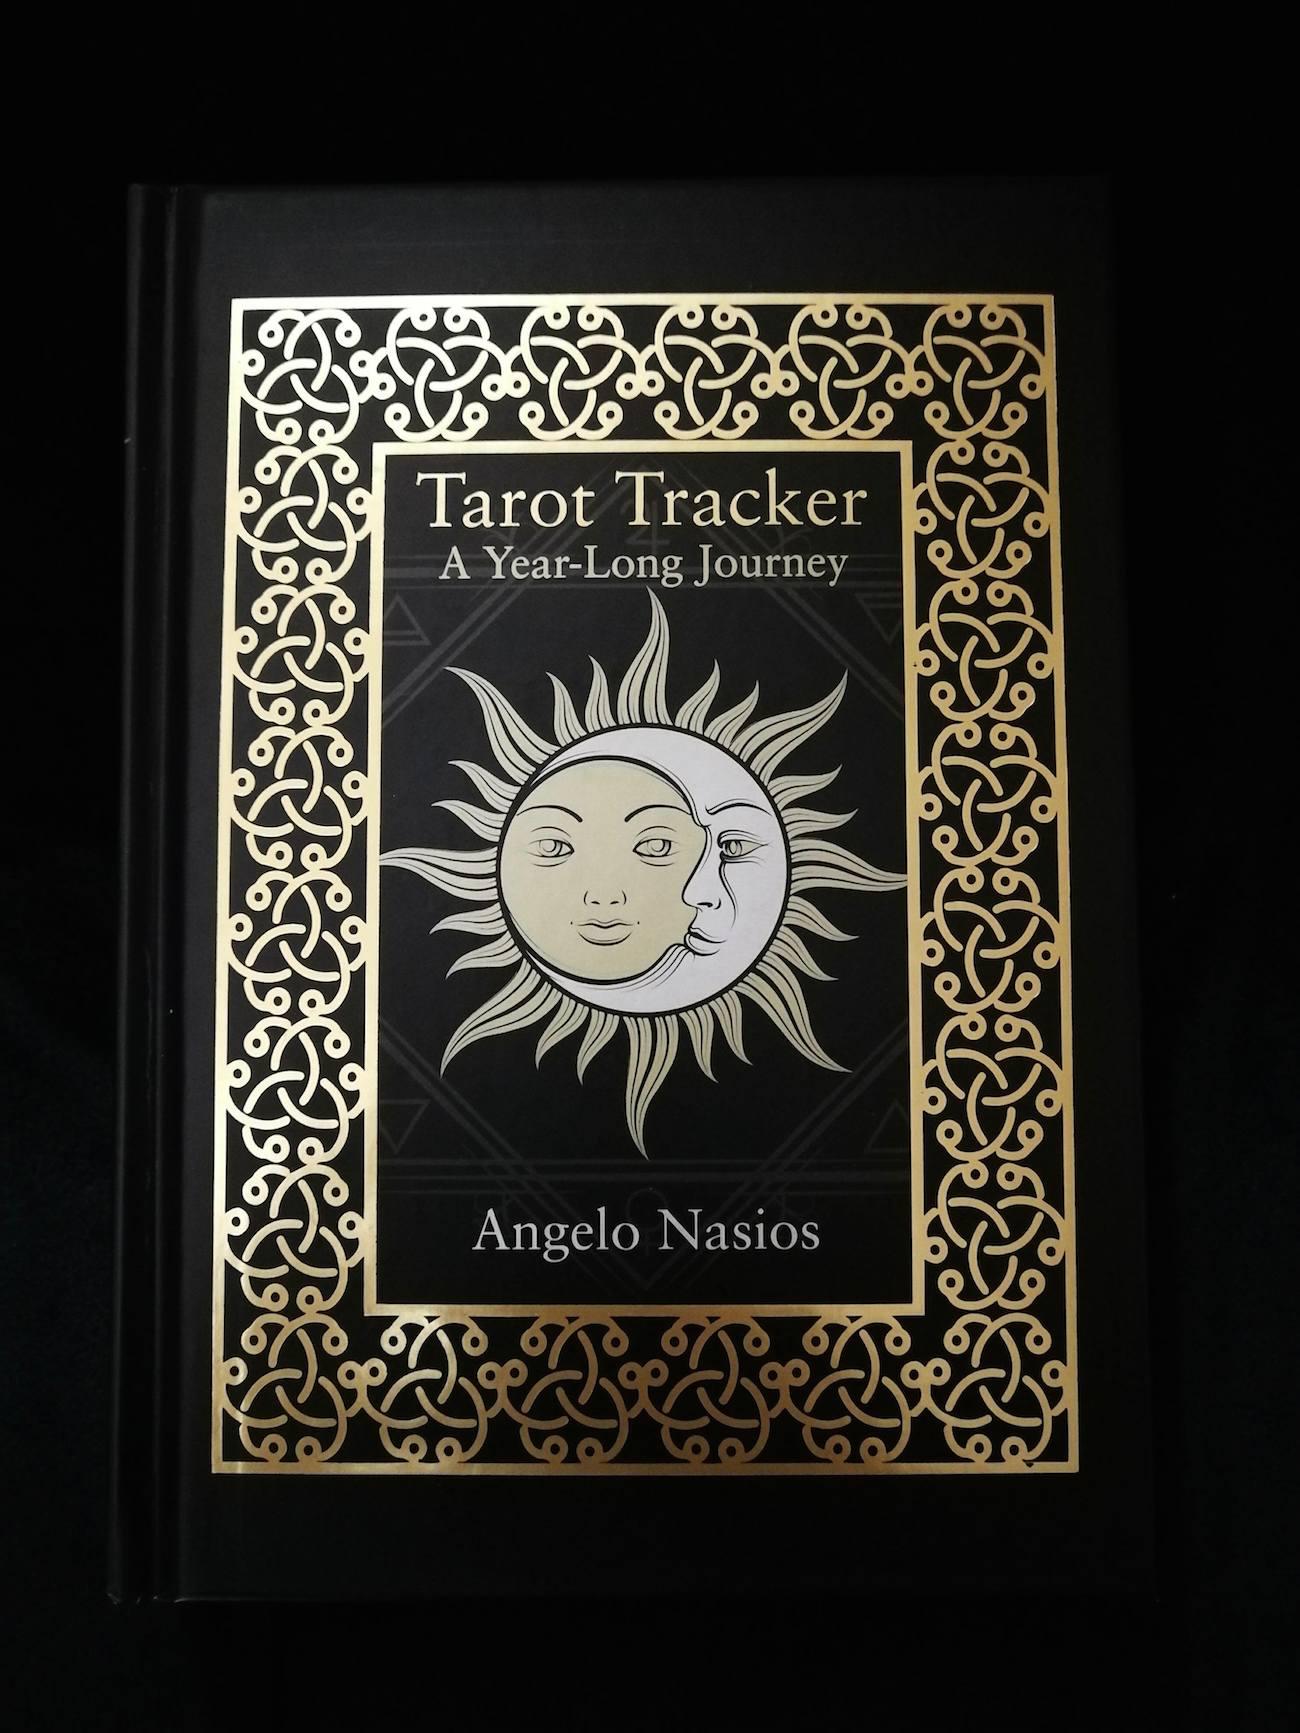 Tarot Tracker Tips Artist's Advice The Queen's Sword Angelo Nasios